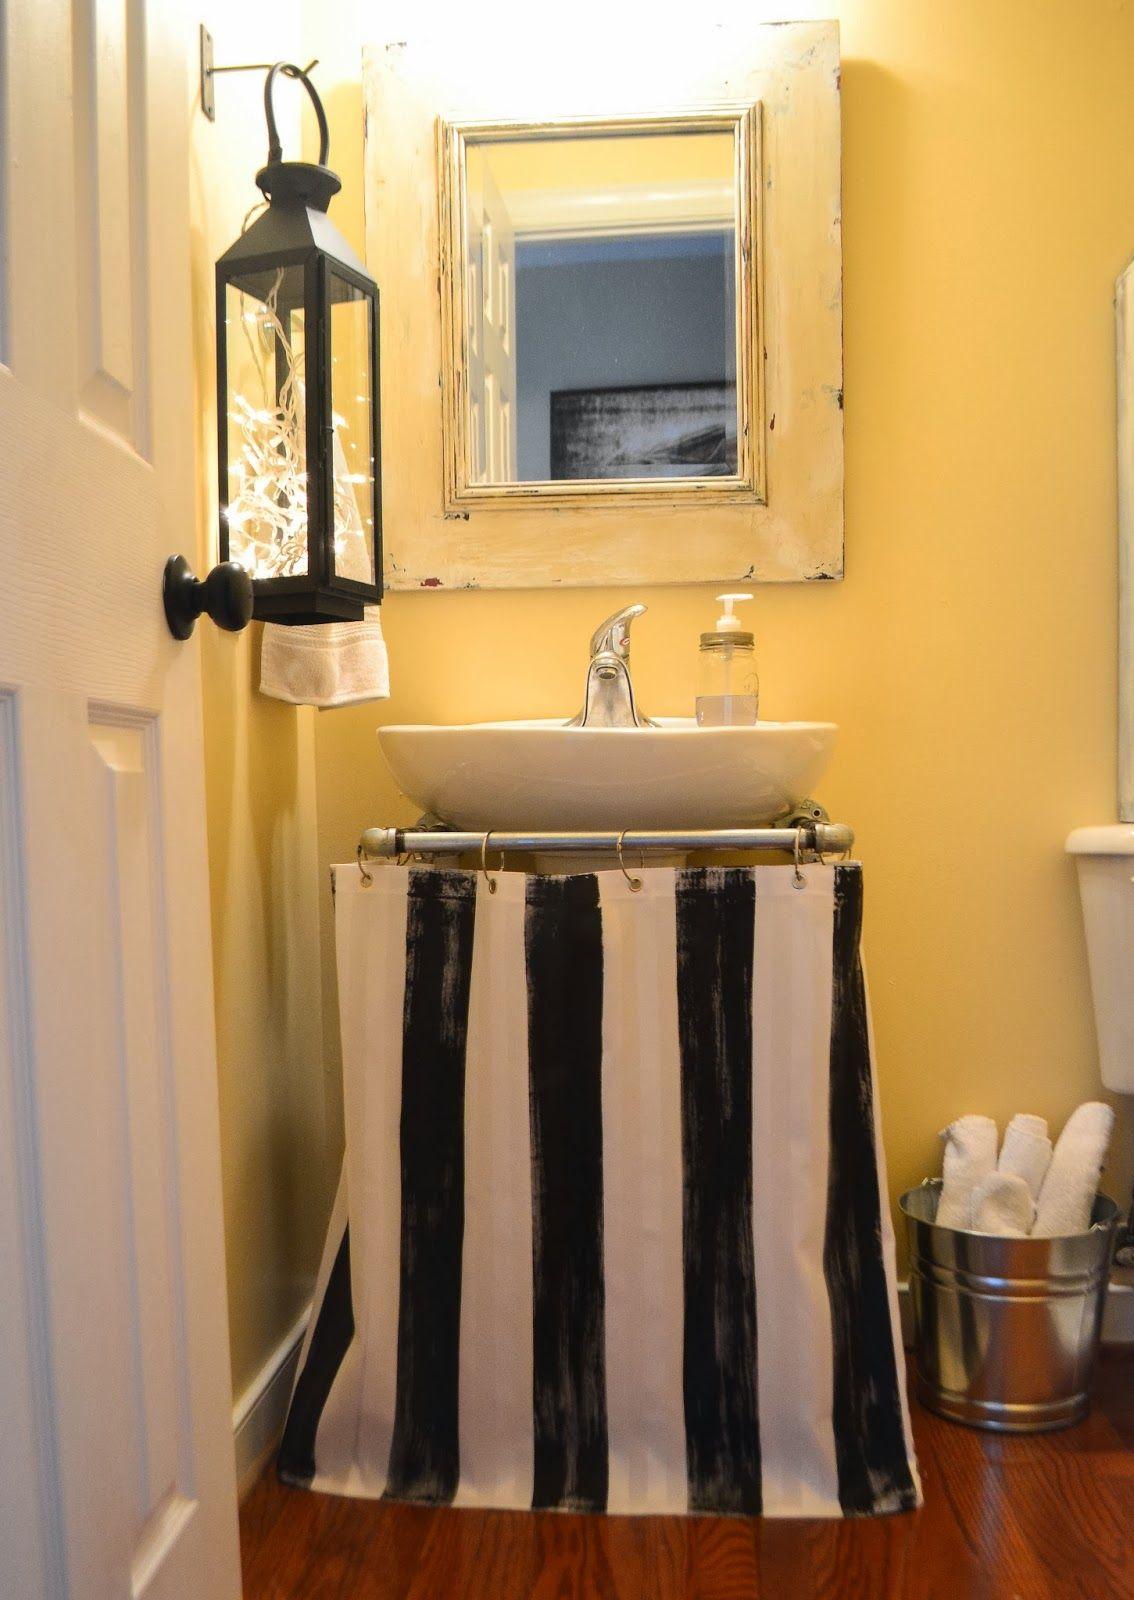 Painted Pedestal Sink Skirt Shower Curtain Bathroom Sink Skirt Sink Skirt Pedestal Sink